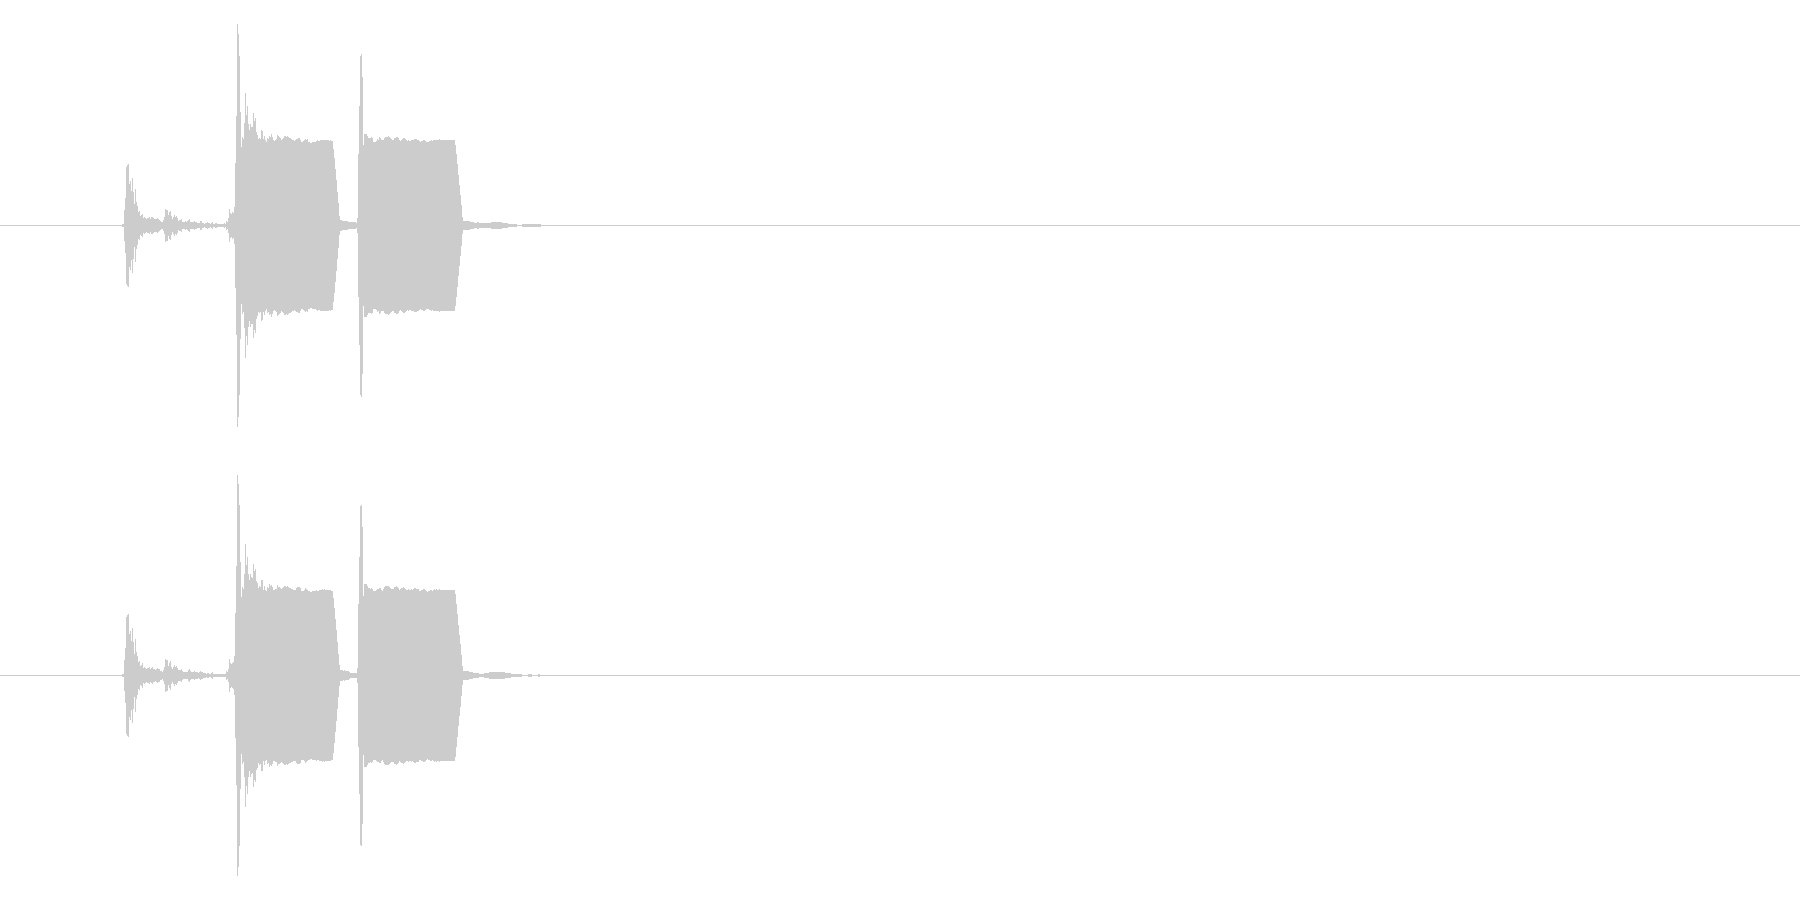 改札 ビープ音01-02(音色1)の未再生の波形